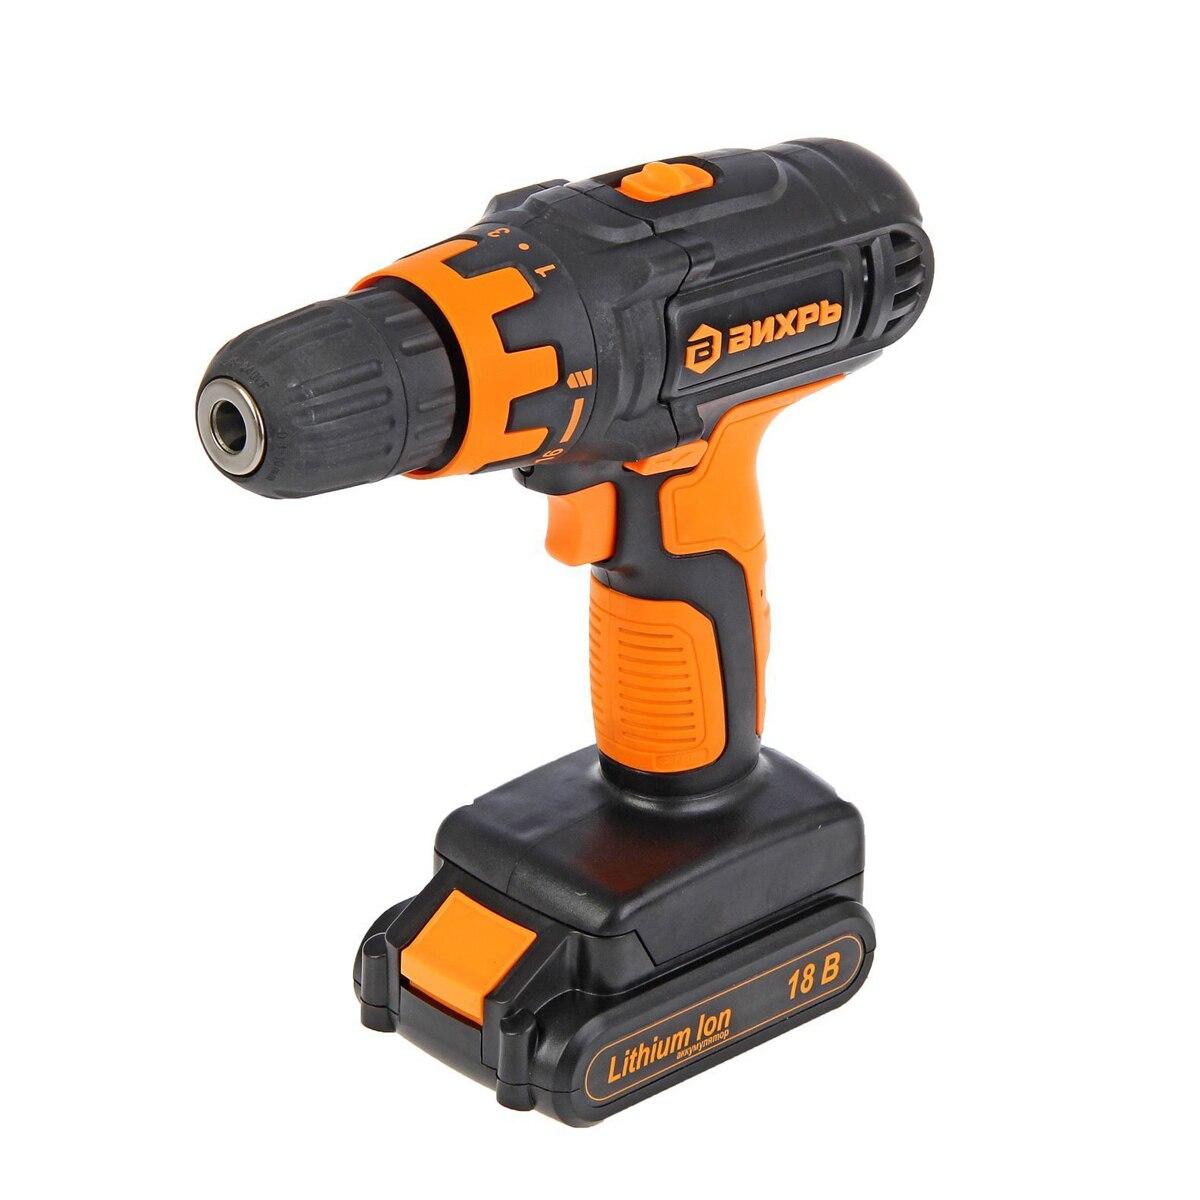 Cordless drill-screwdriver VIHR DA-18L-2K